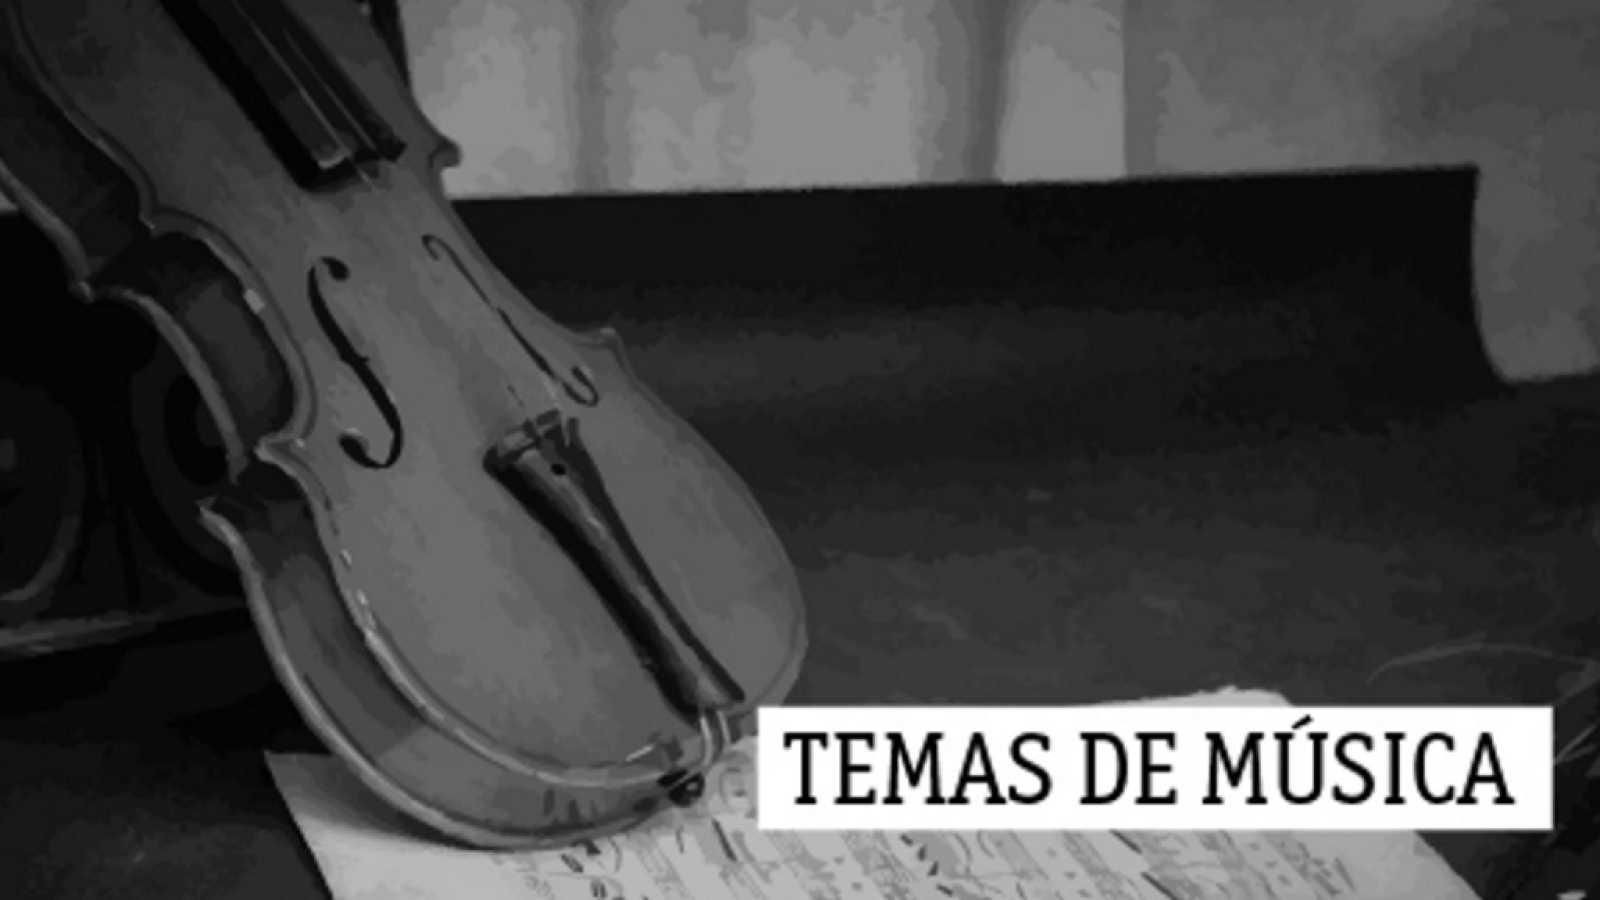 Temas de música - Farinelli en España. La leyenda del artista (I) - 01/05/21 - escuchar ahora